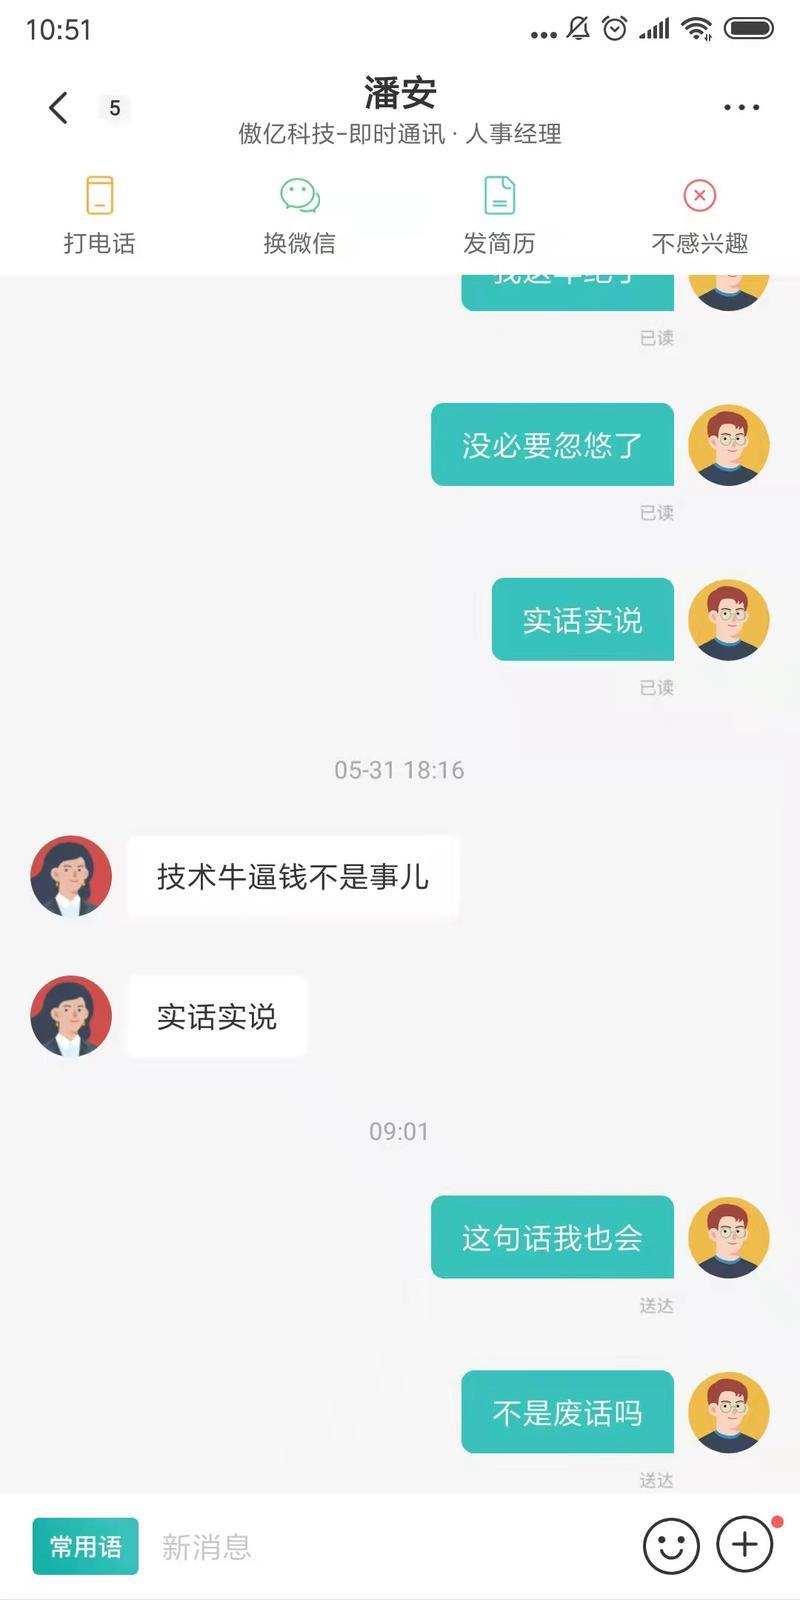 武汉大D哥于2021-06-01 10:53发布的图片